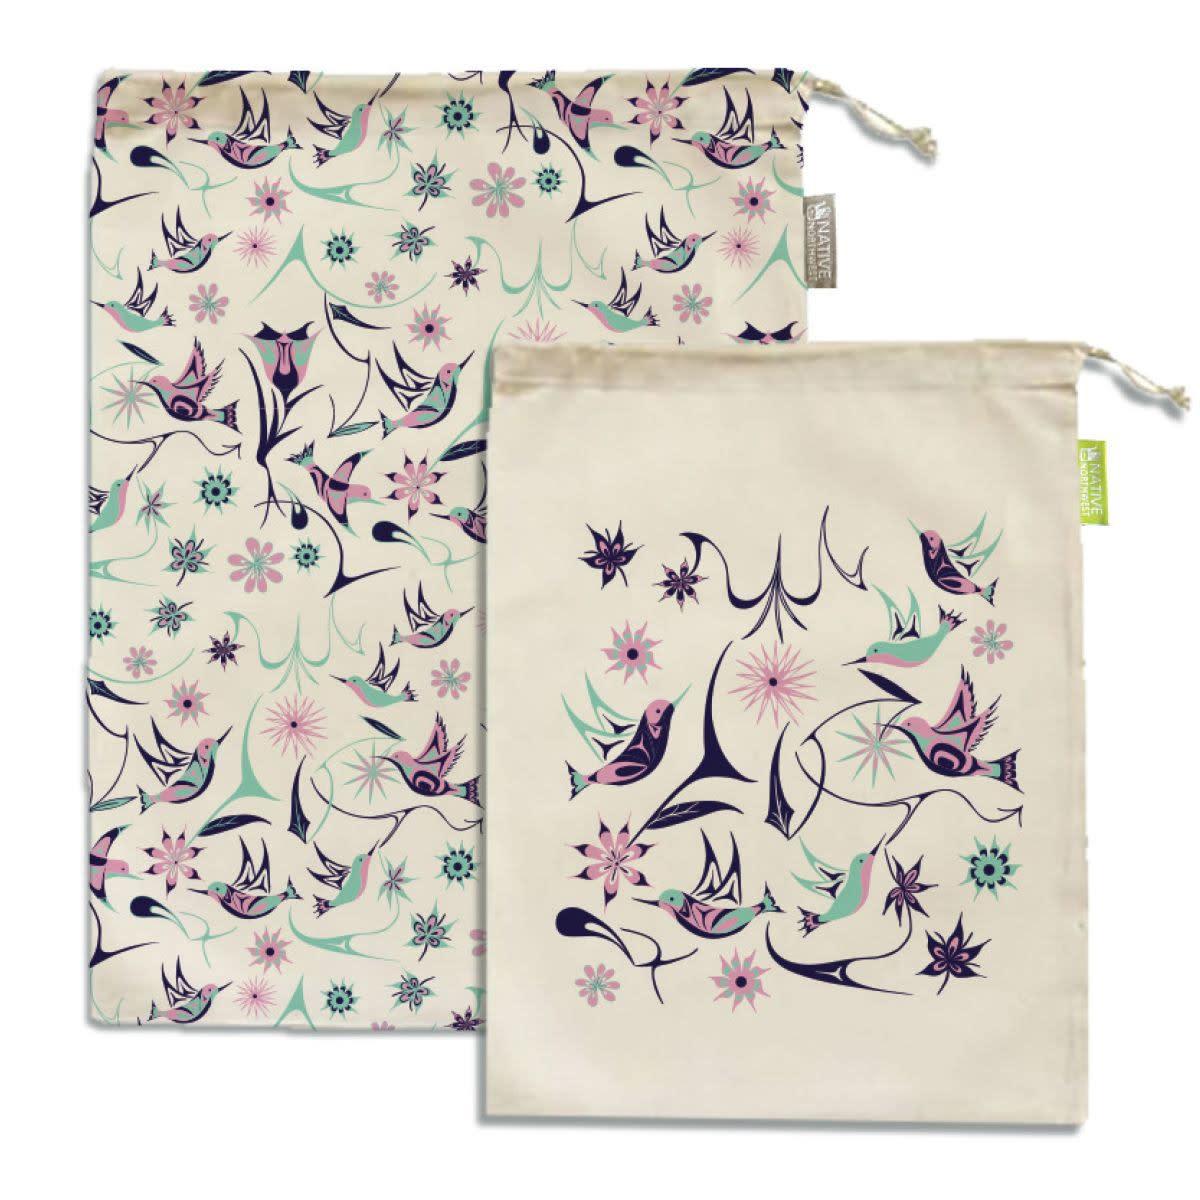 Reusable Produce Bags - Hummingbird by Nikki LaRock-1